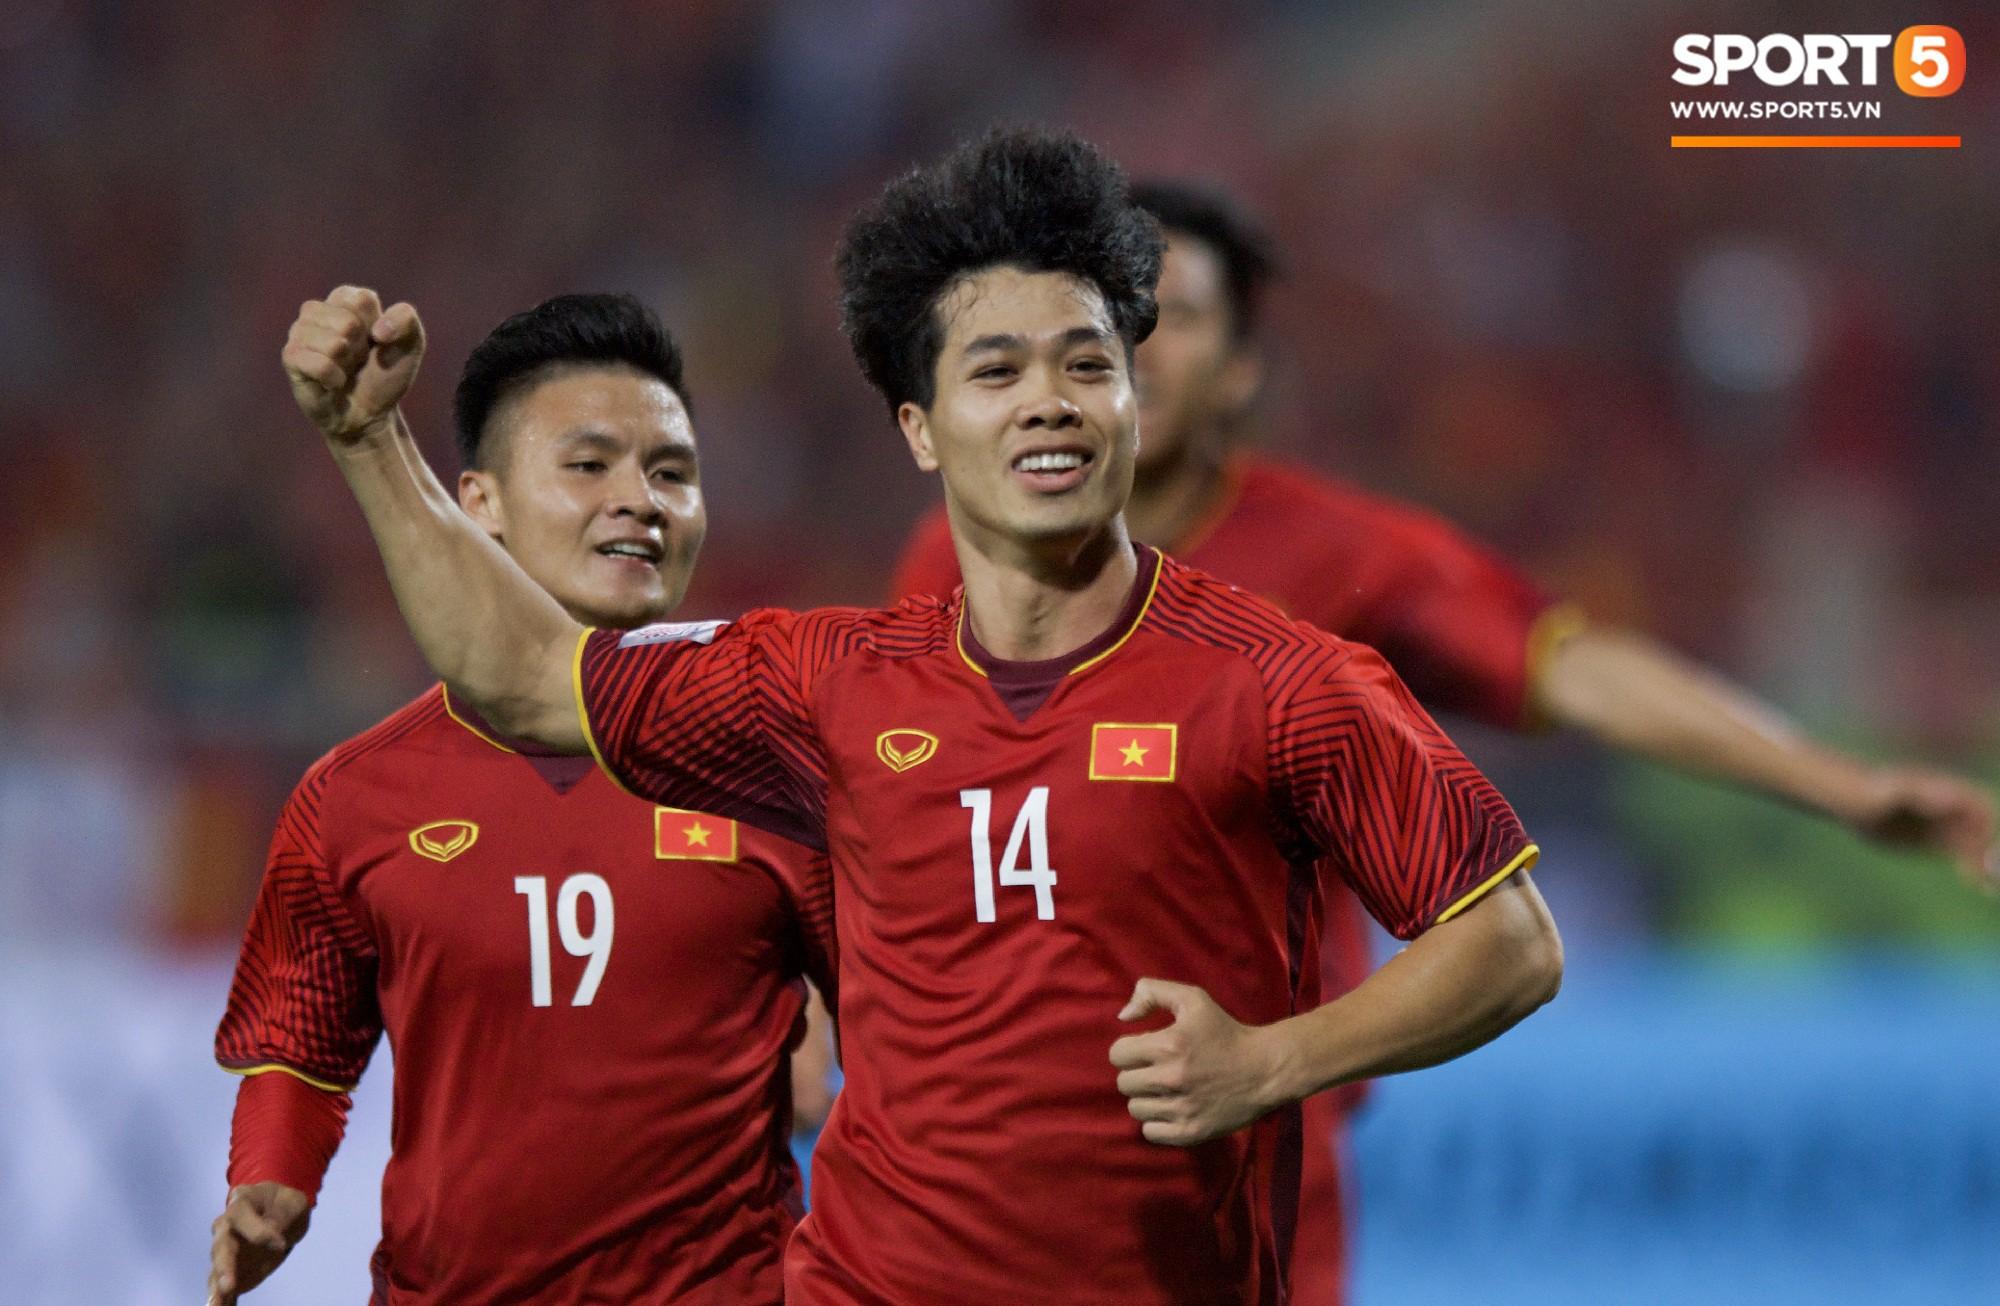 Hành trình kỳ diệu của bóng đá Việt Nam trong năm 2018 qua ảnh-15